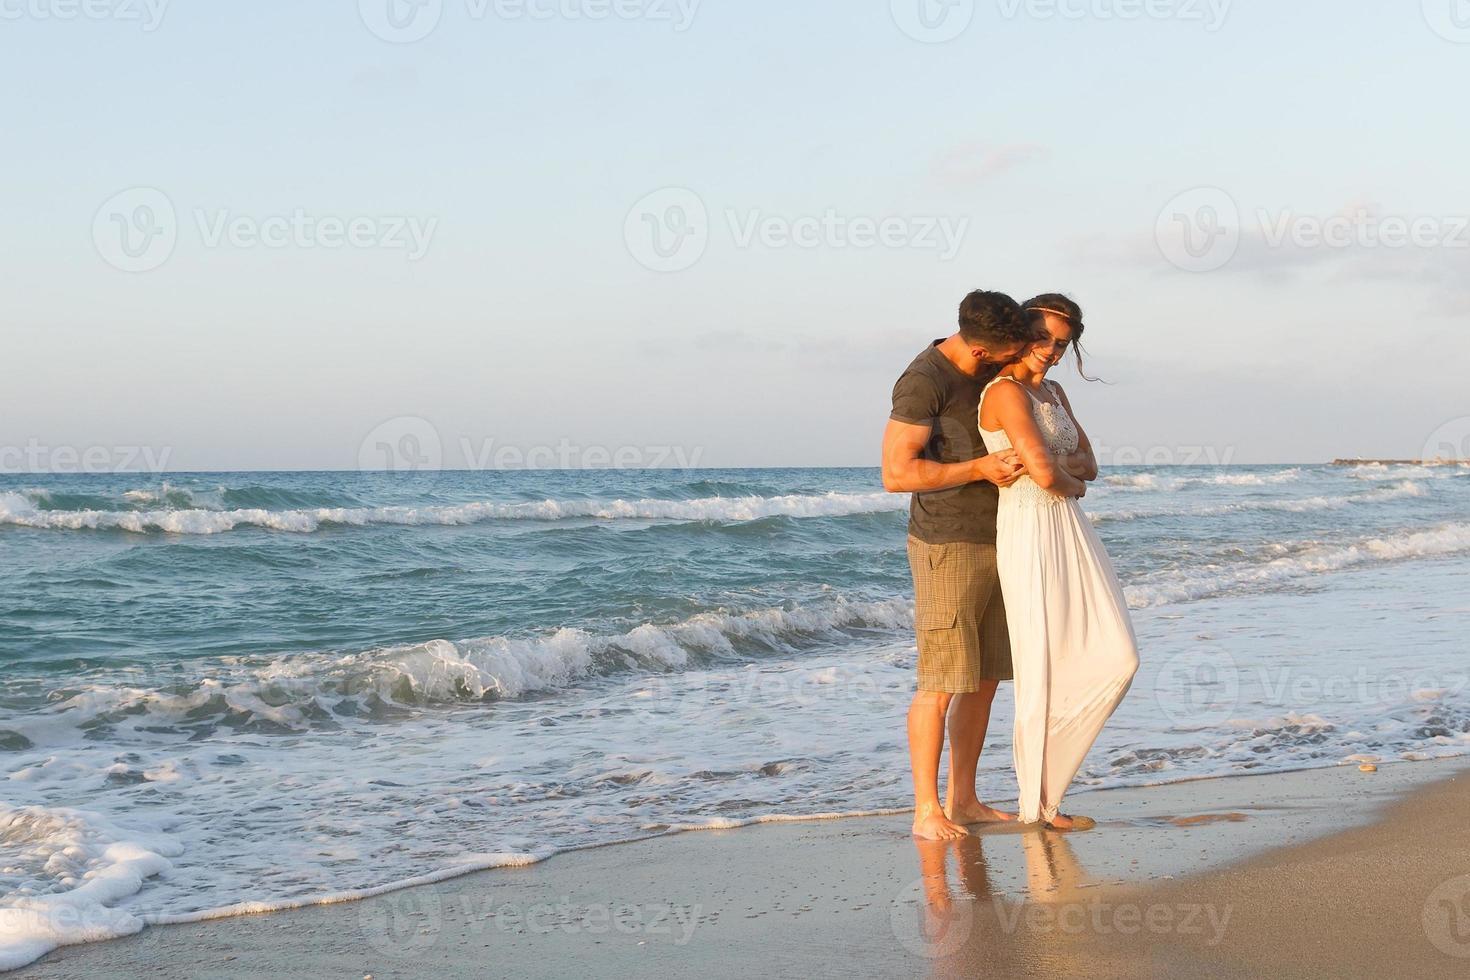 joven pareja disfruta caminando en una playa nublada al anochecer foto